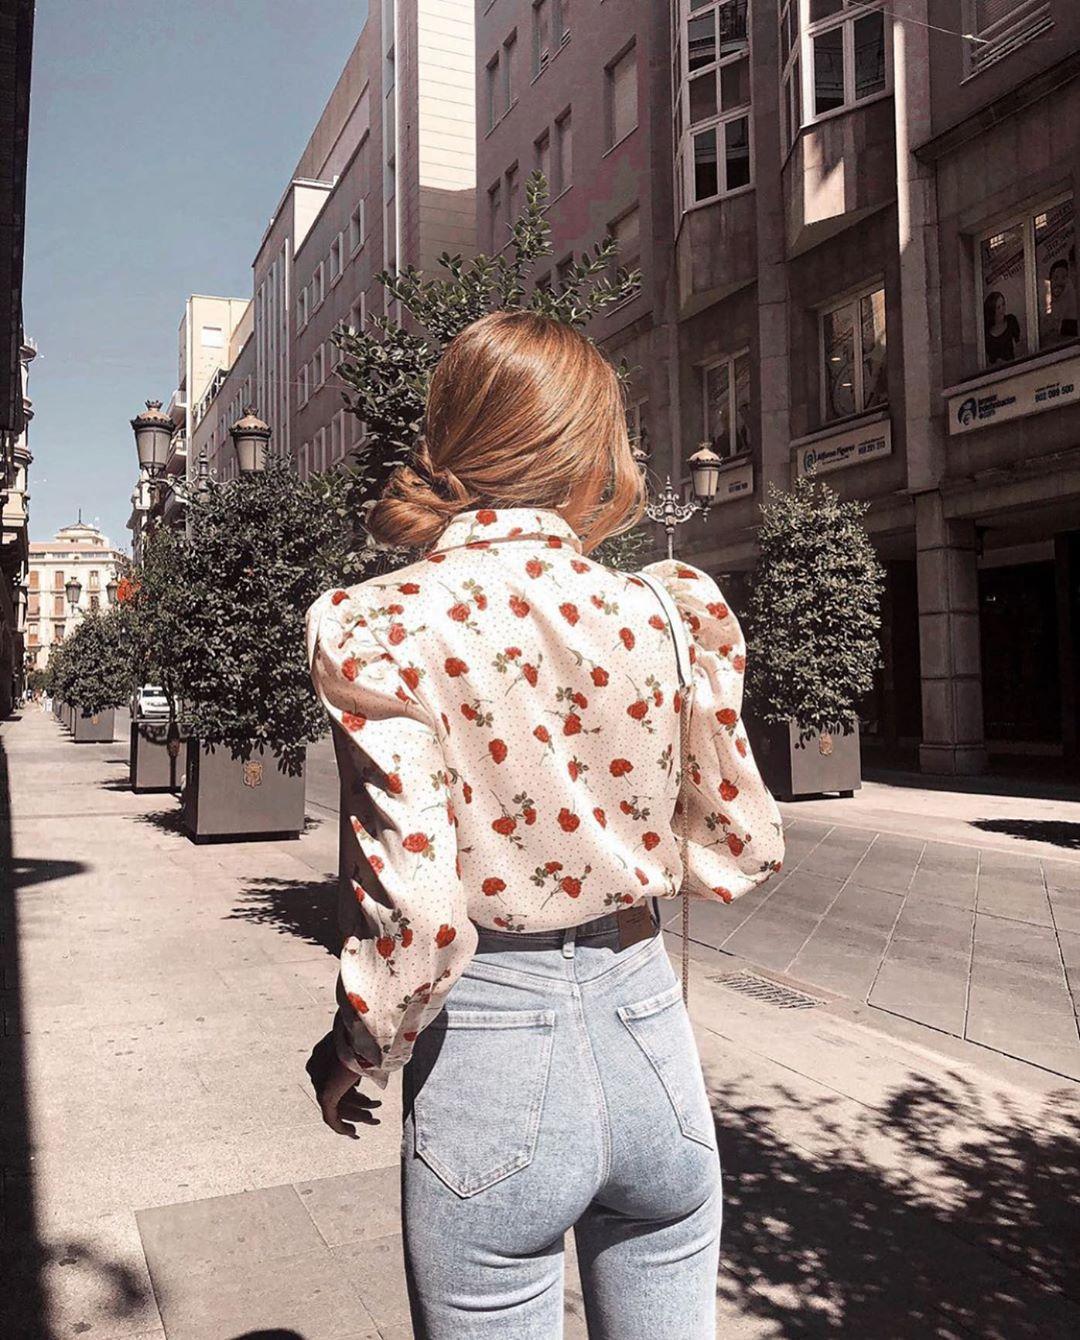 blouse à imprimé floral de Zara sur zara.outfits